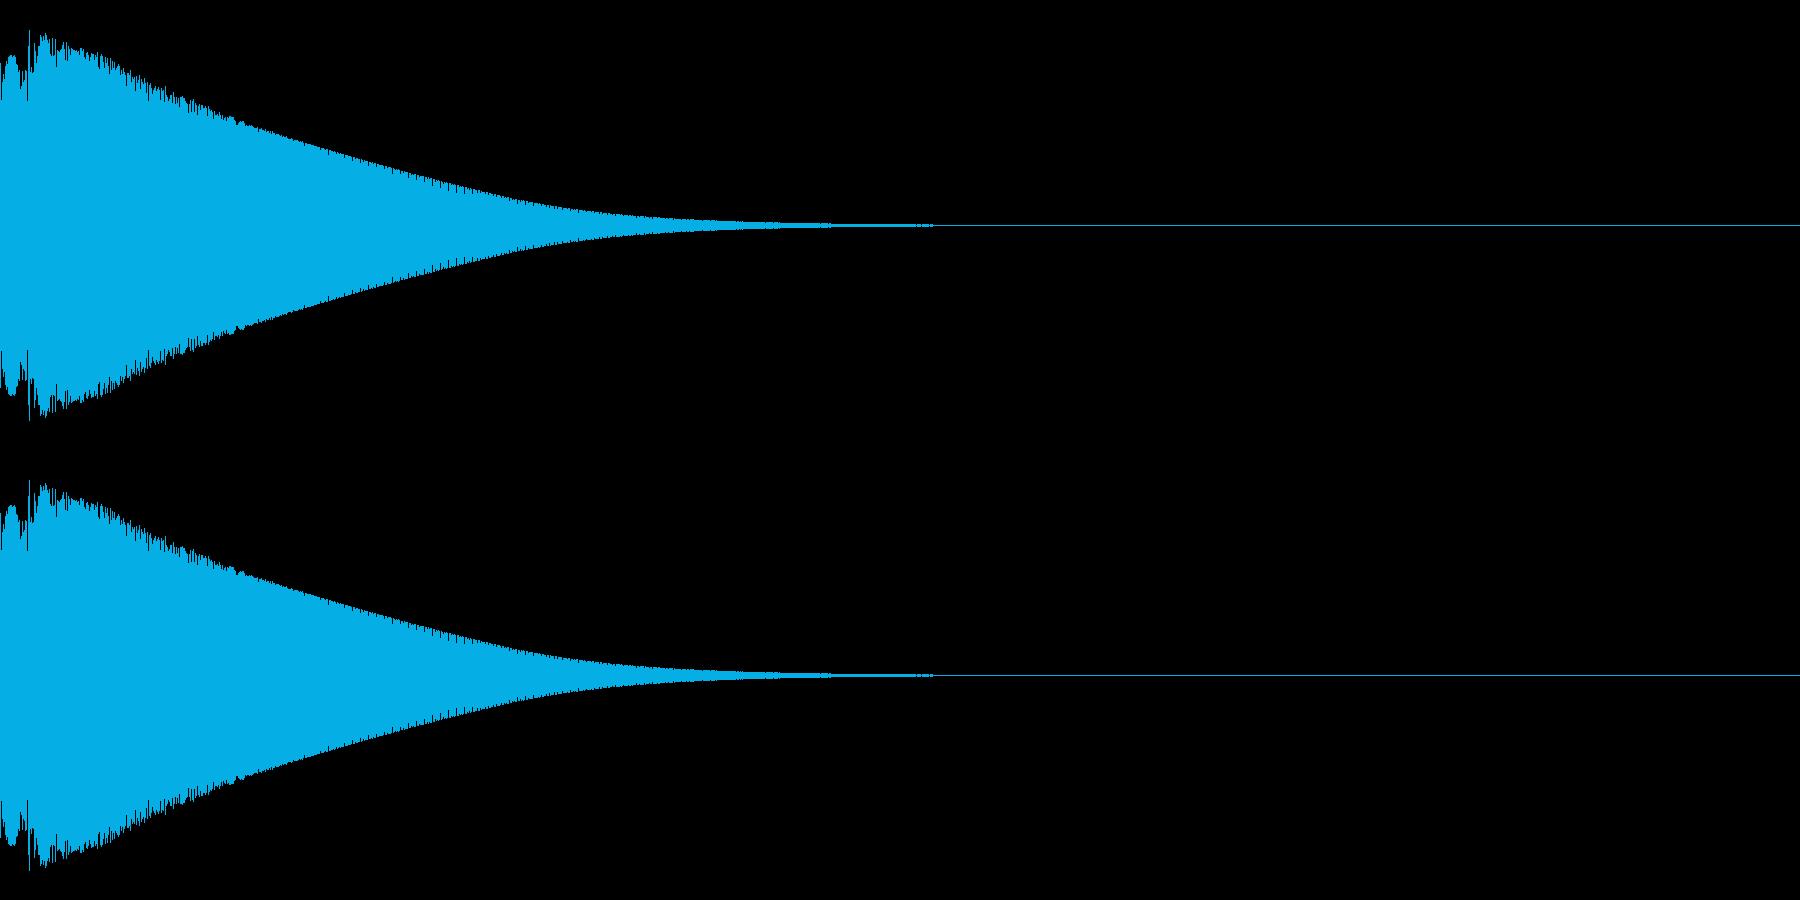 ピリーン(金属的)の再生済みの波形